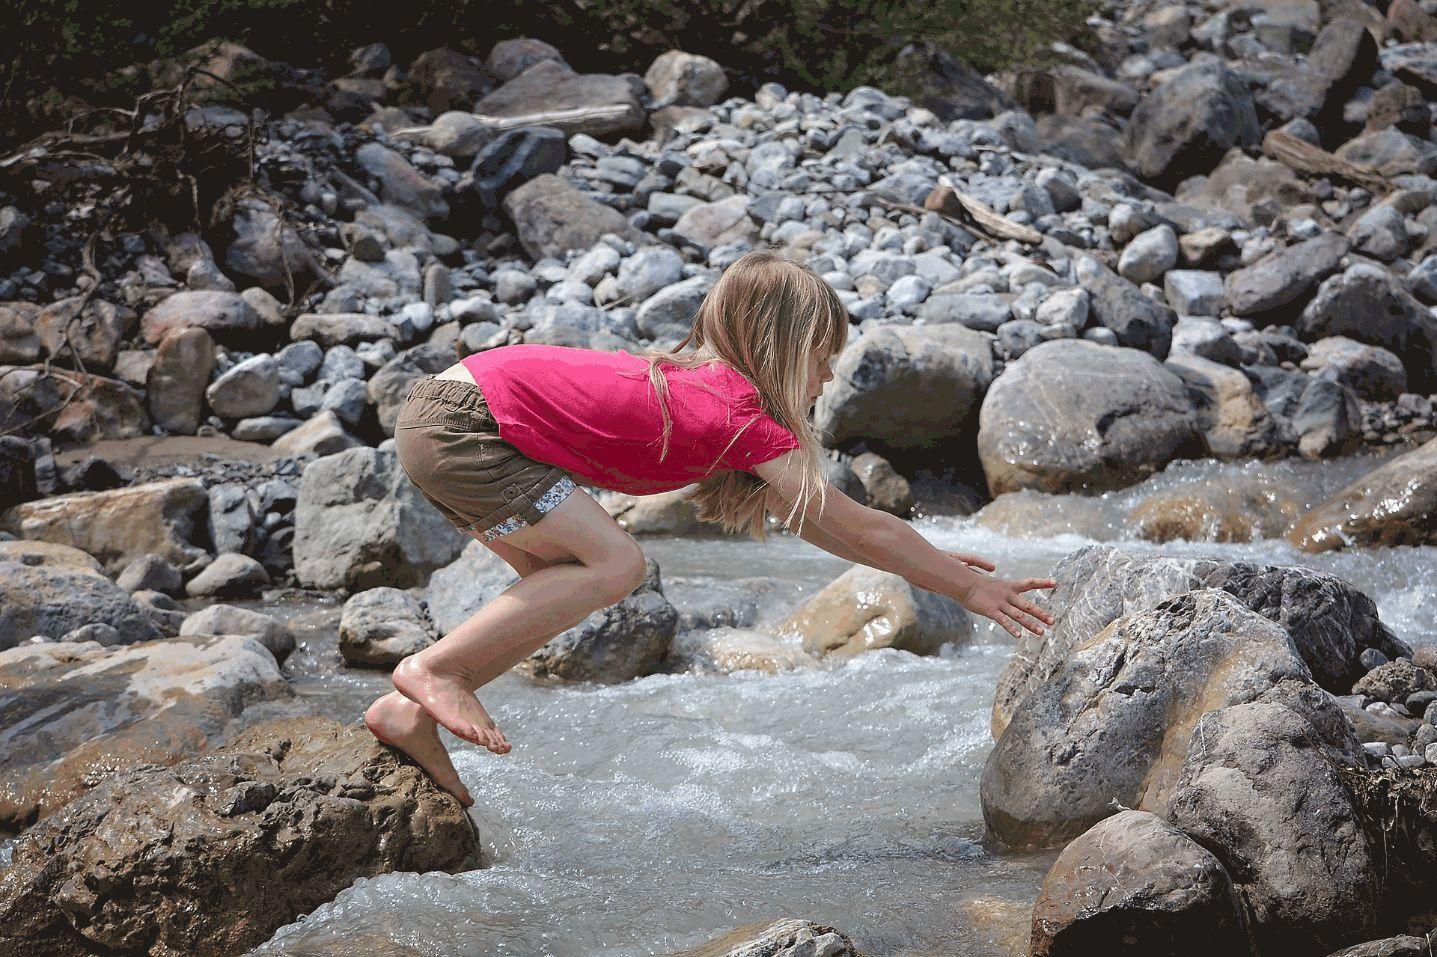 Mädchen klettert auf Steinen.